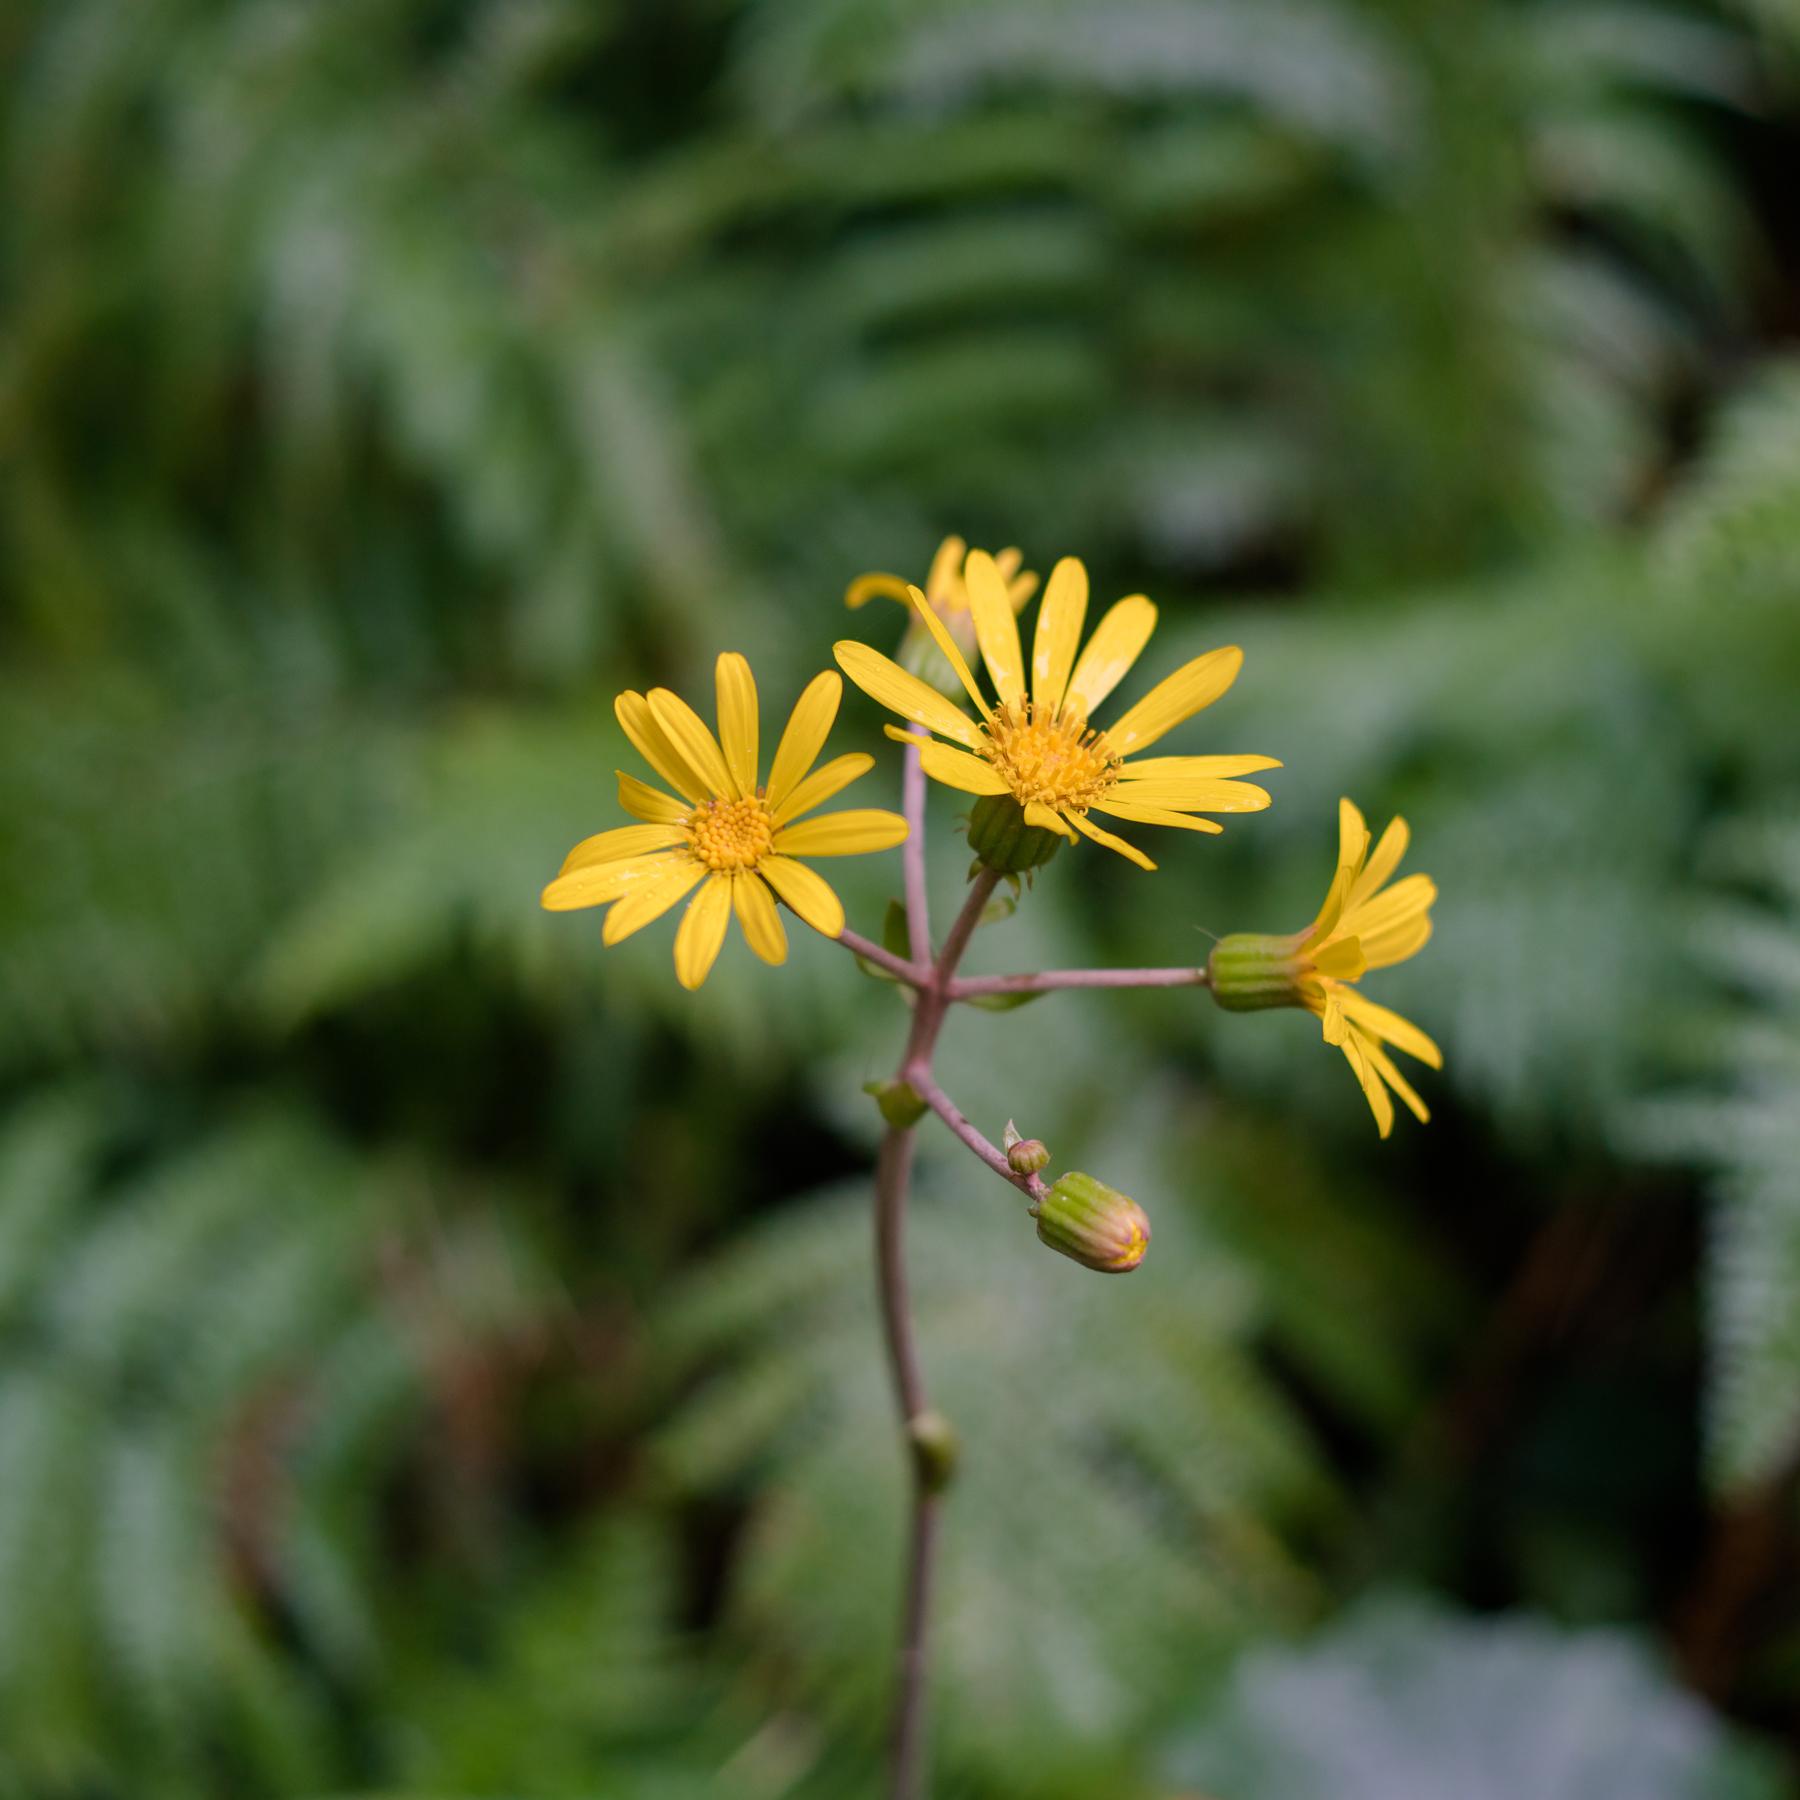 屋久島ツワブキの花、シダの群生 屋久島花とジュエリー オーダーメイドマリッジリングのモチーフ